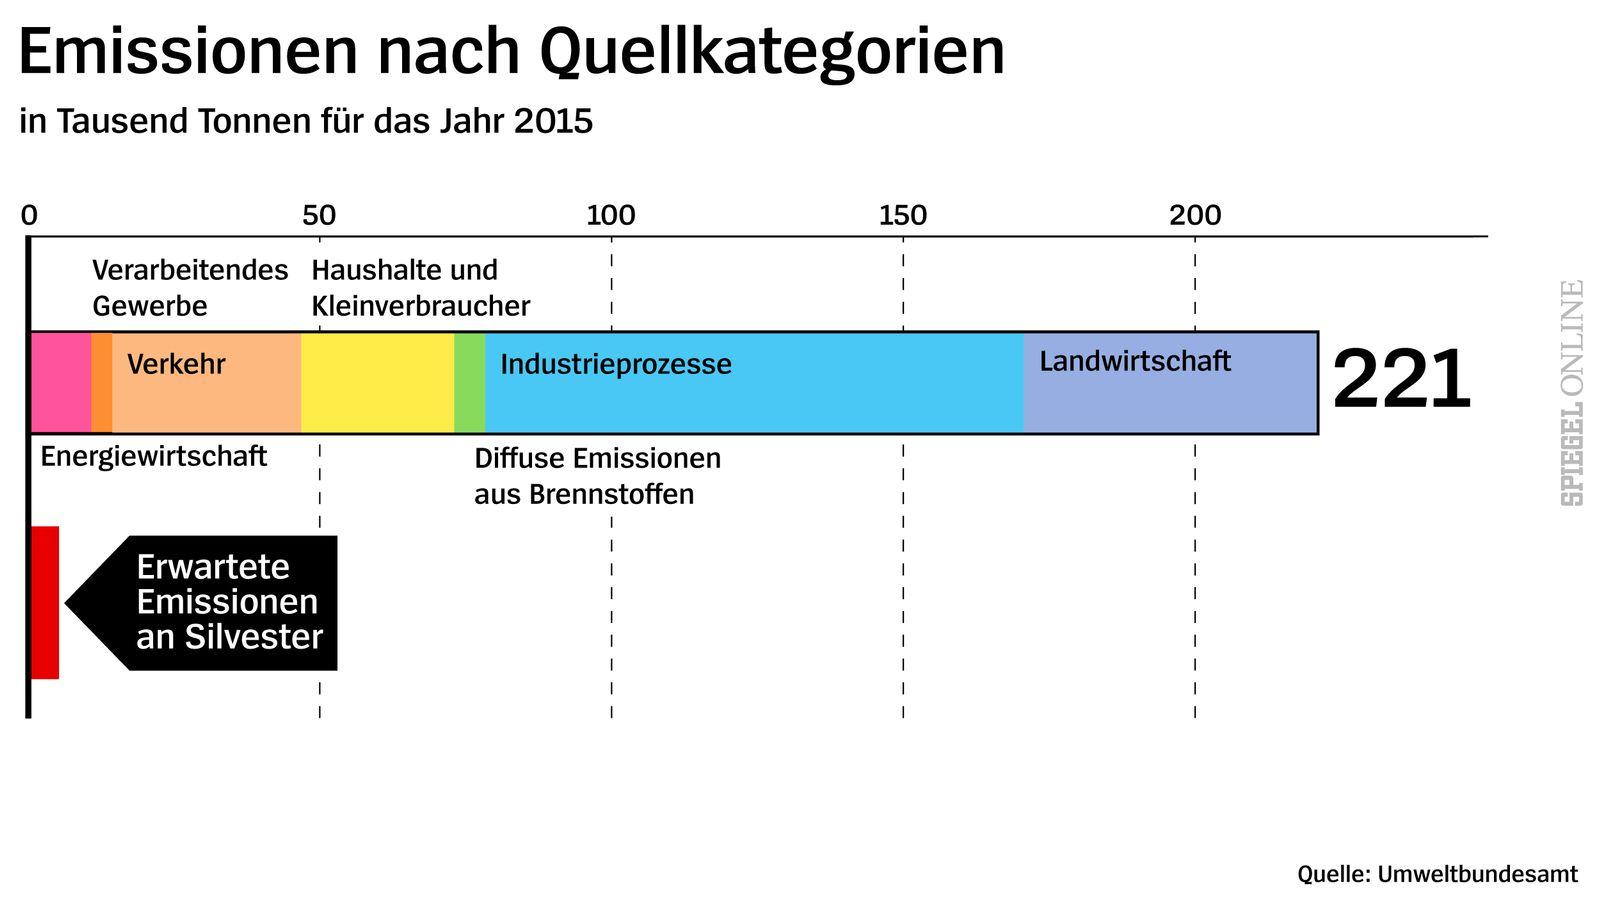 Emissionen nach Quellkategorien